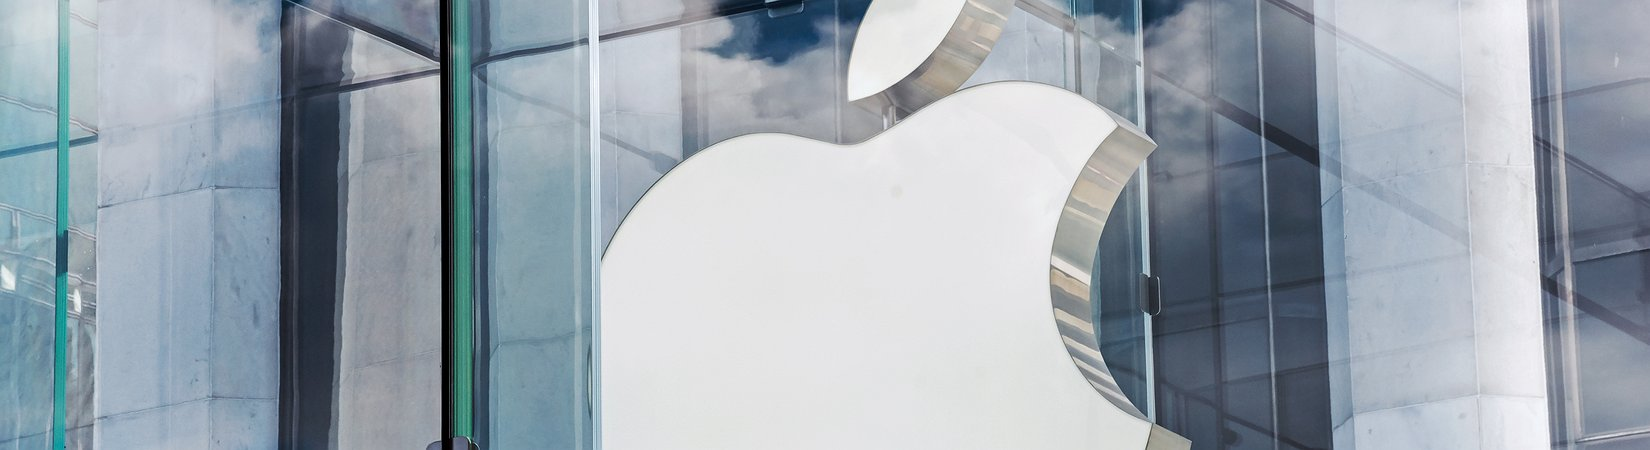 Apple: ficará o novo recorde por aqui?